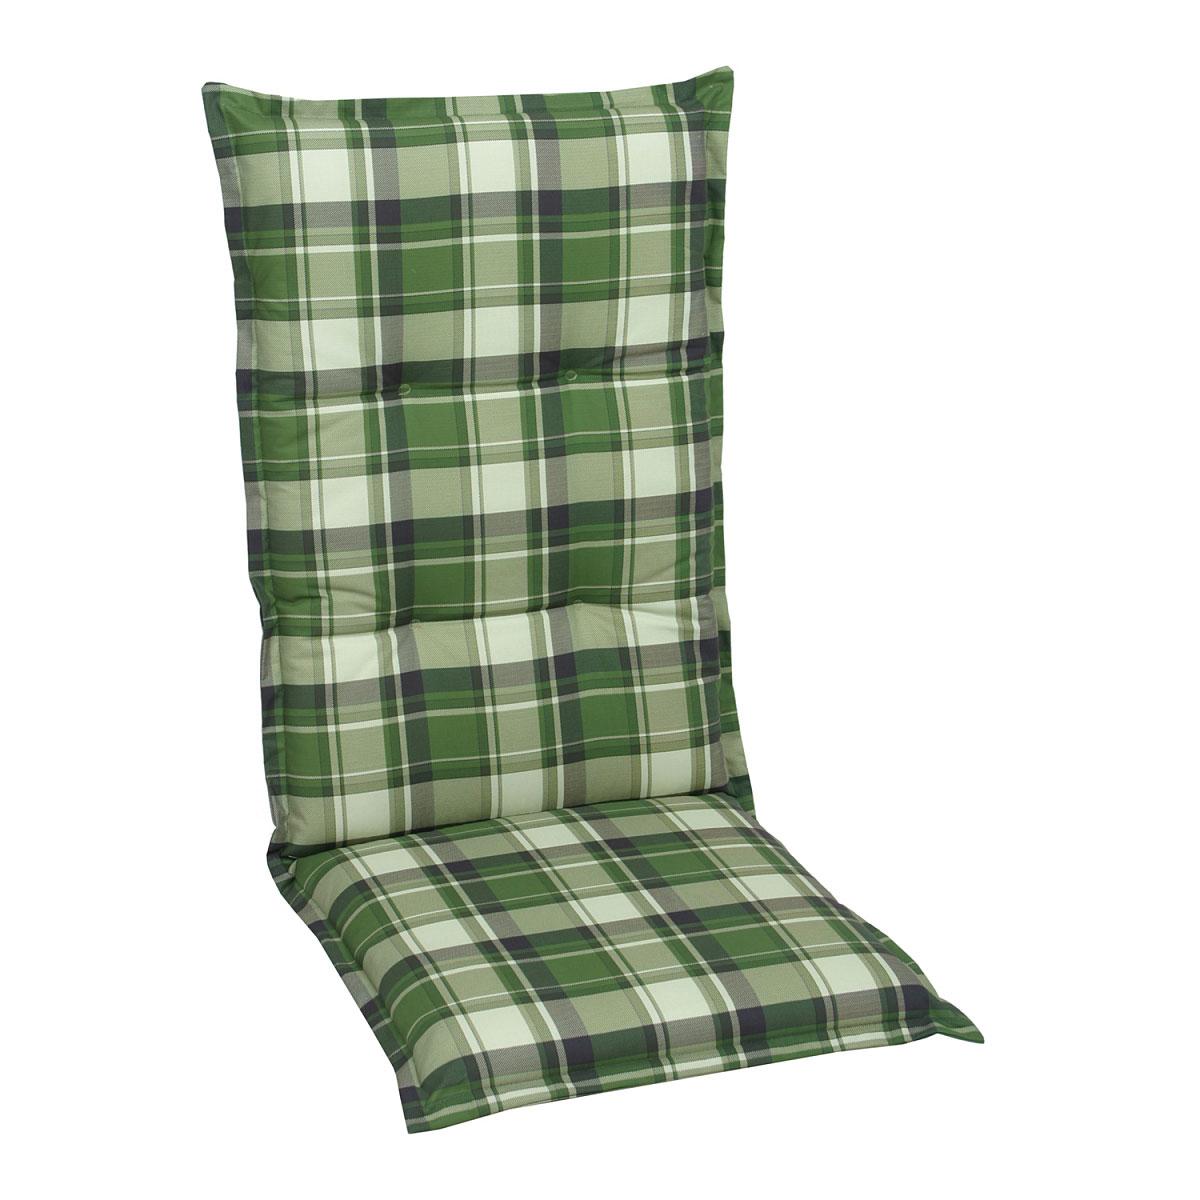 GO-DE Sesselauflage Classic hoch grün-kariert 120 x 50 x 8 cm